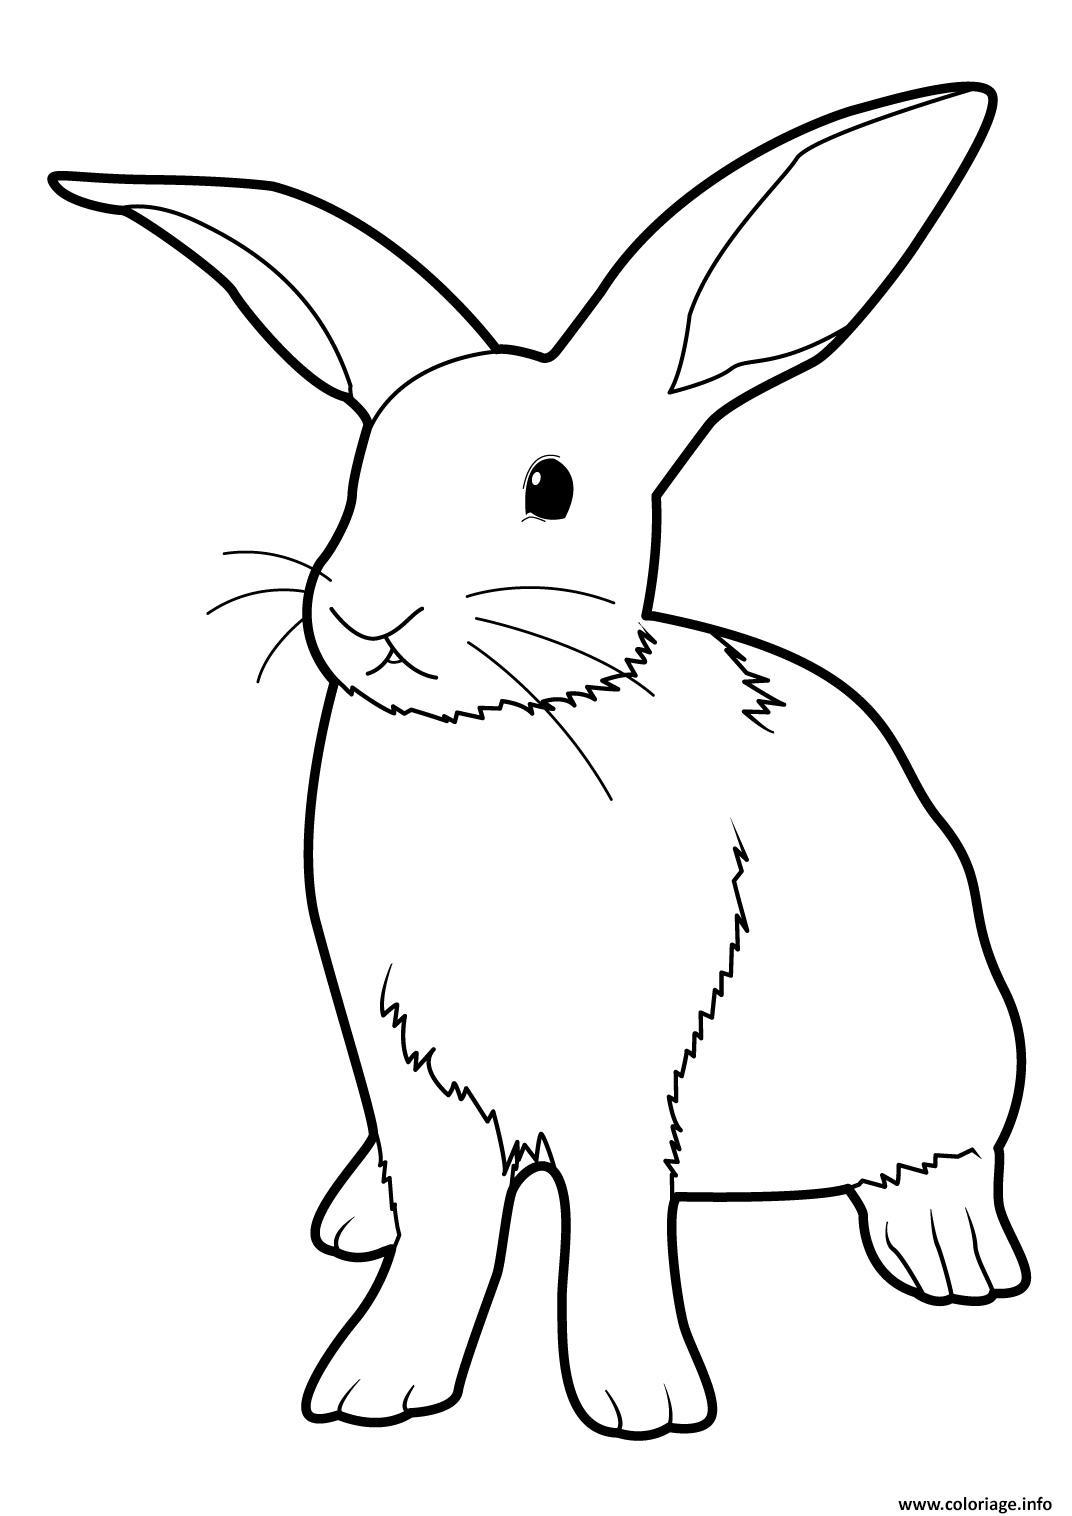 Coloriage lapin realiste debout dessin - Lapin en dessin ...